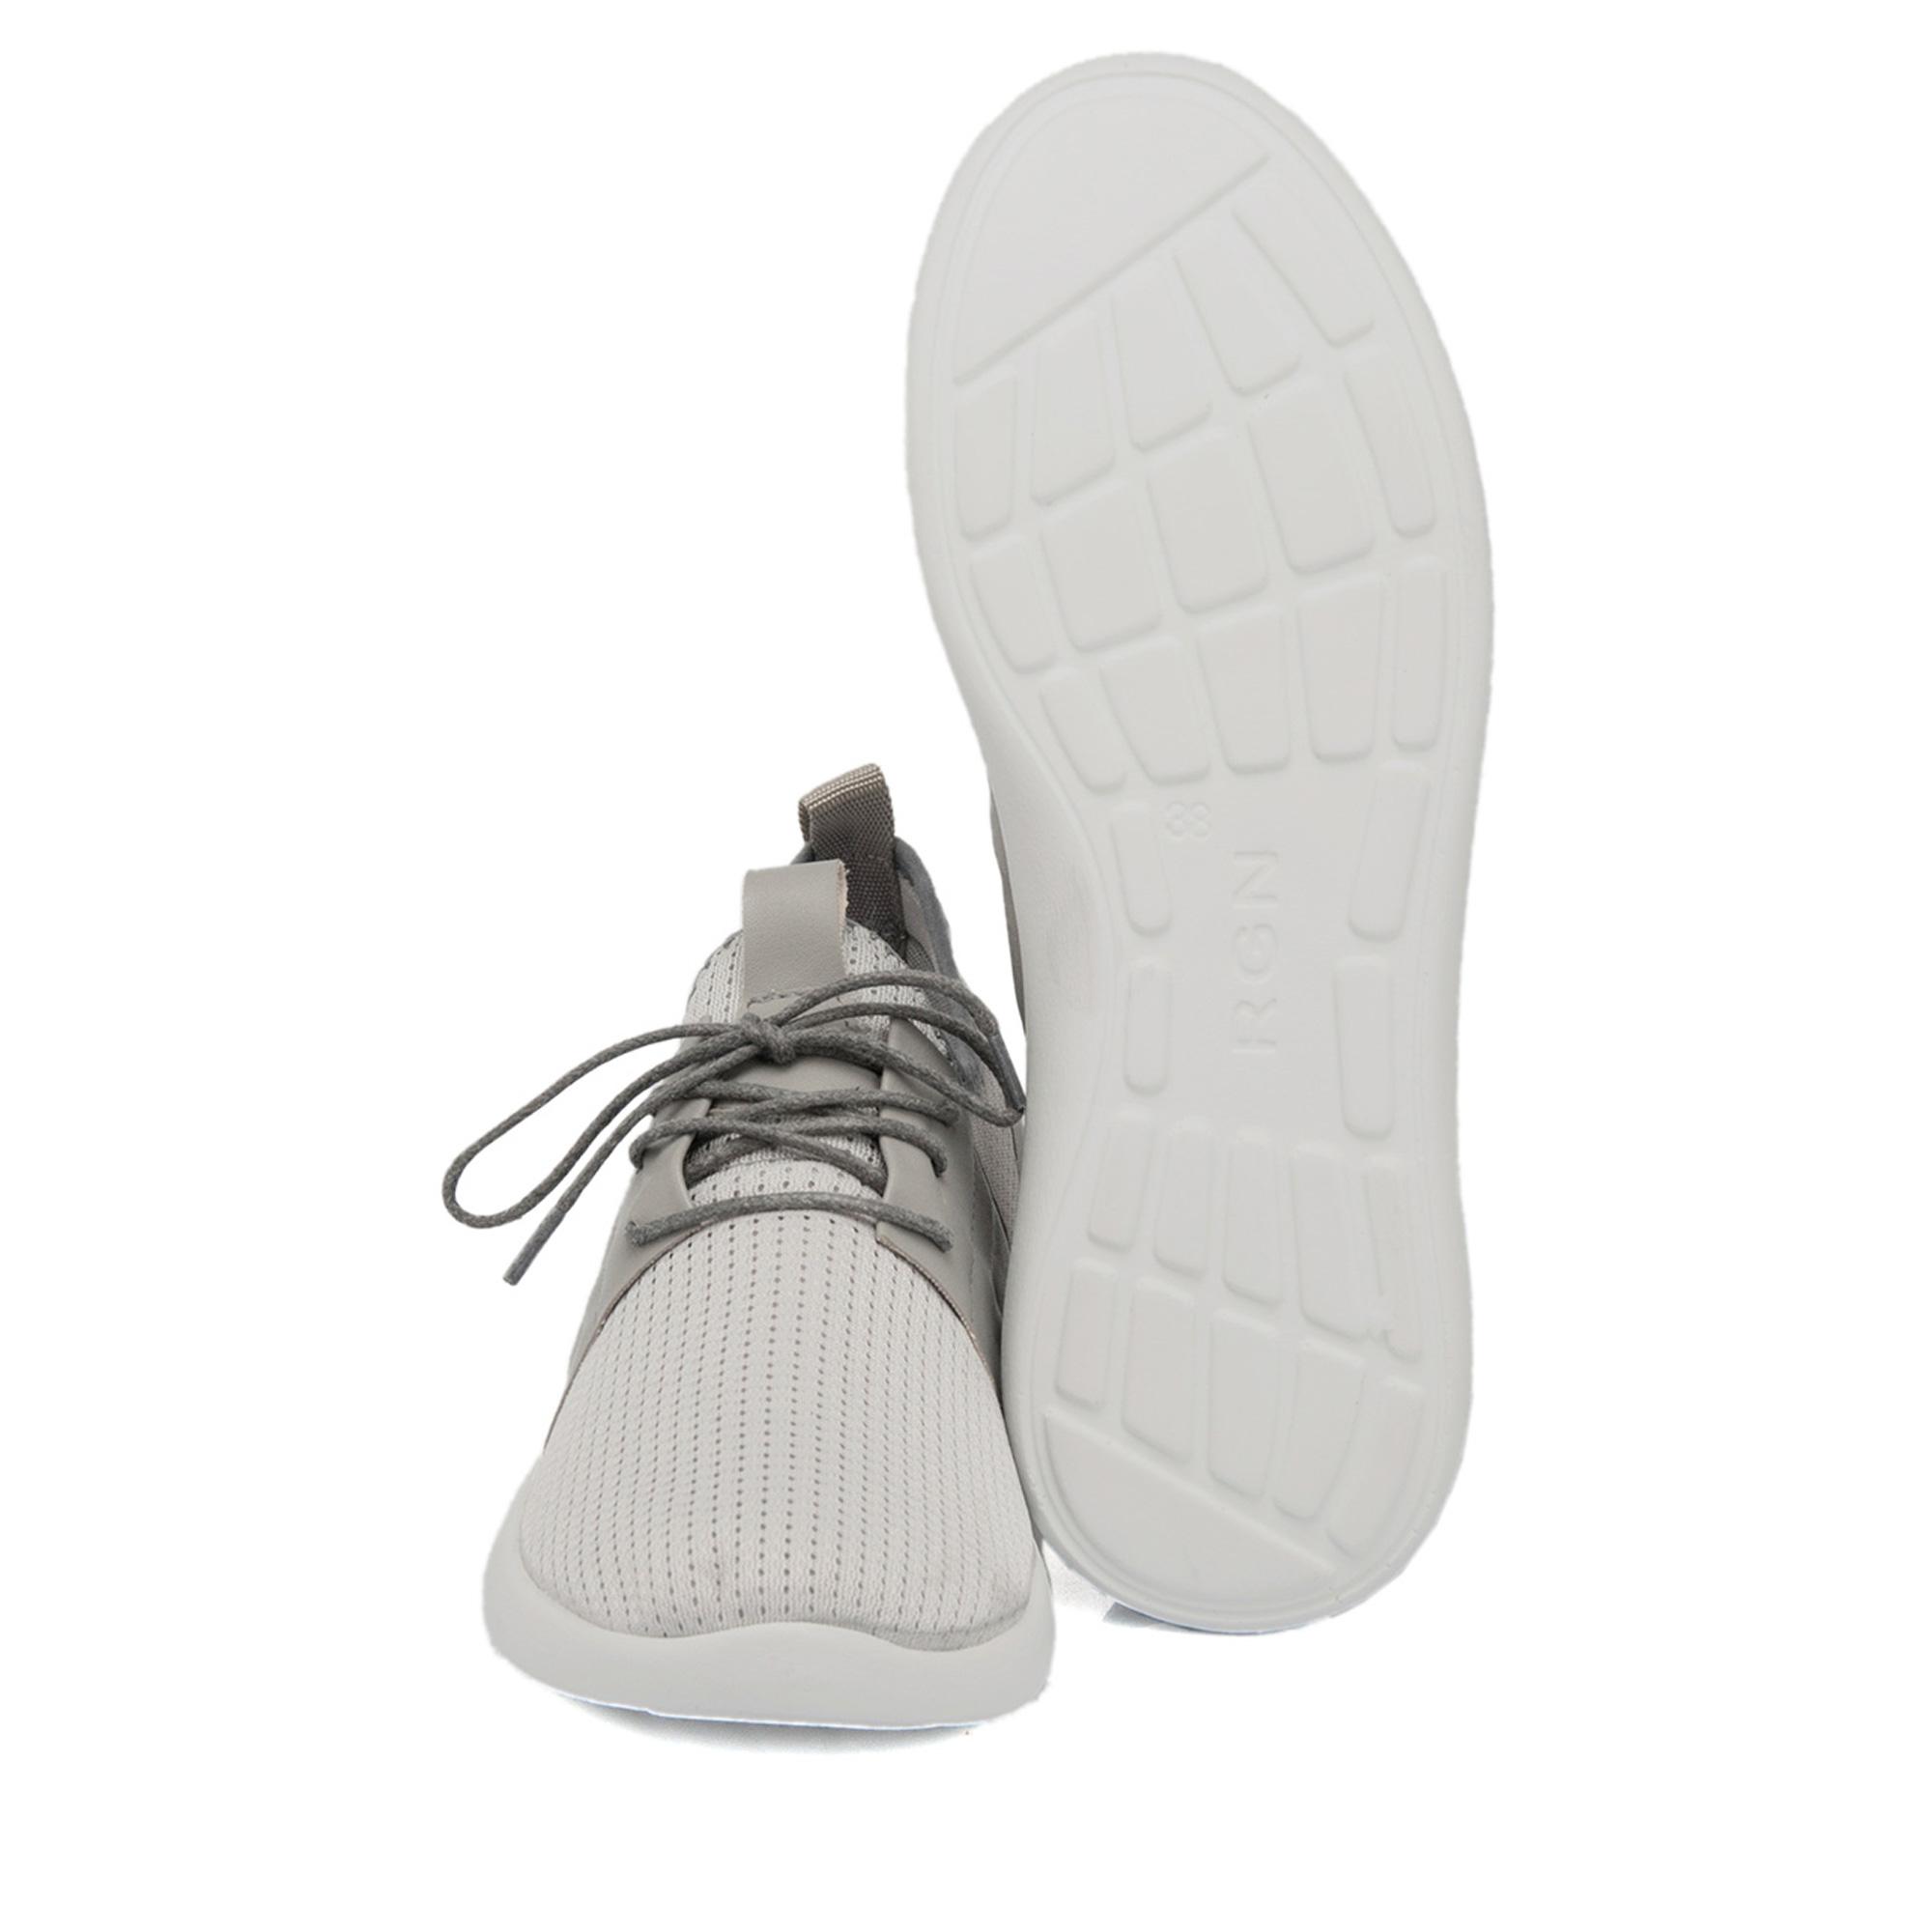 Gri Tekstil Kadın Ayakkabı 64469I50